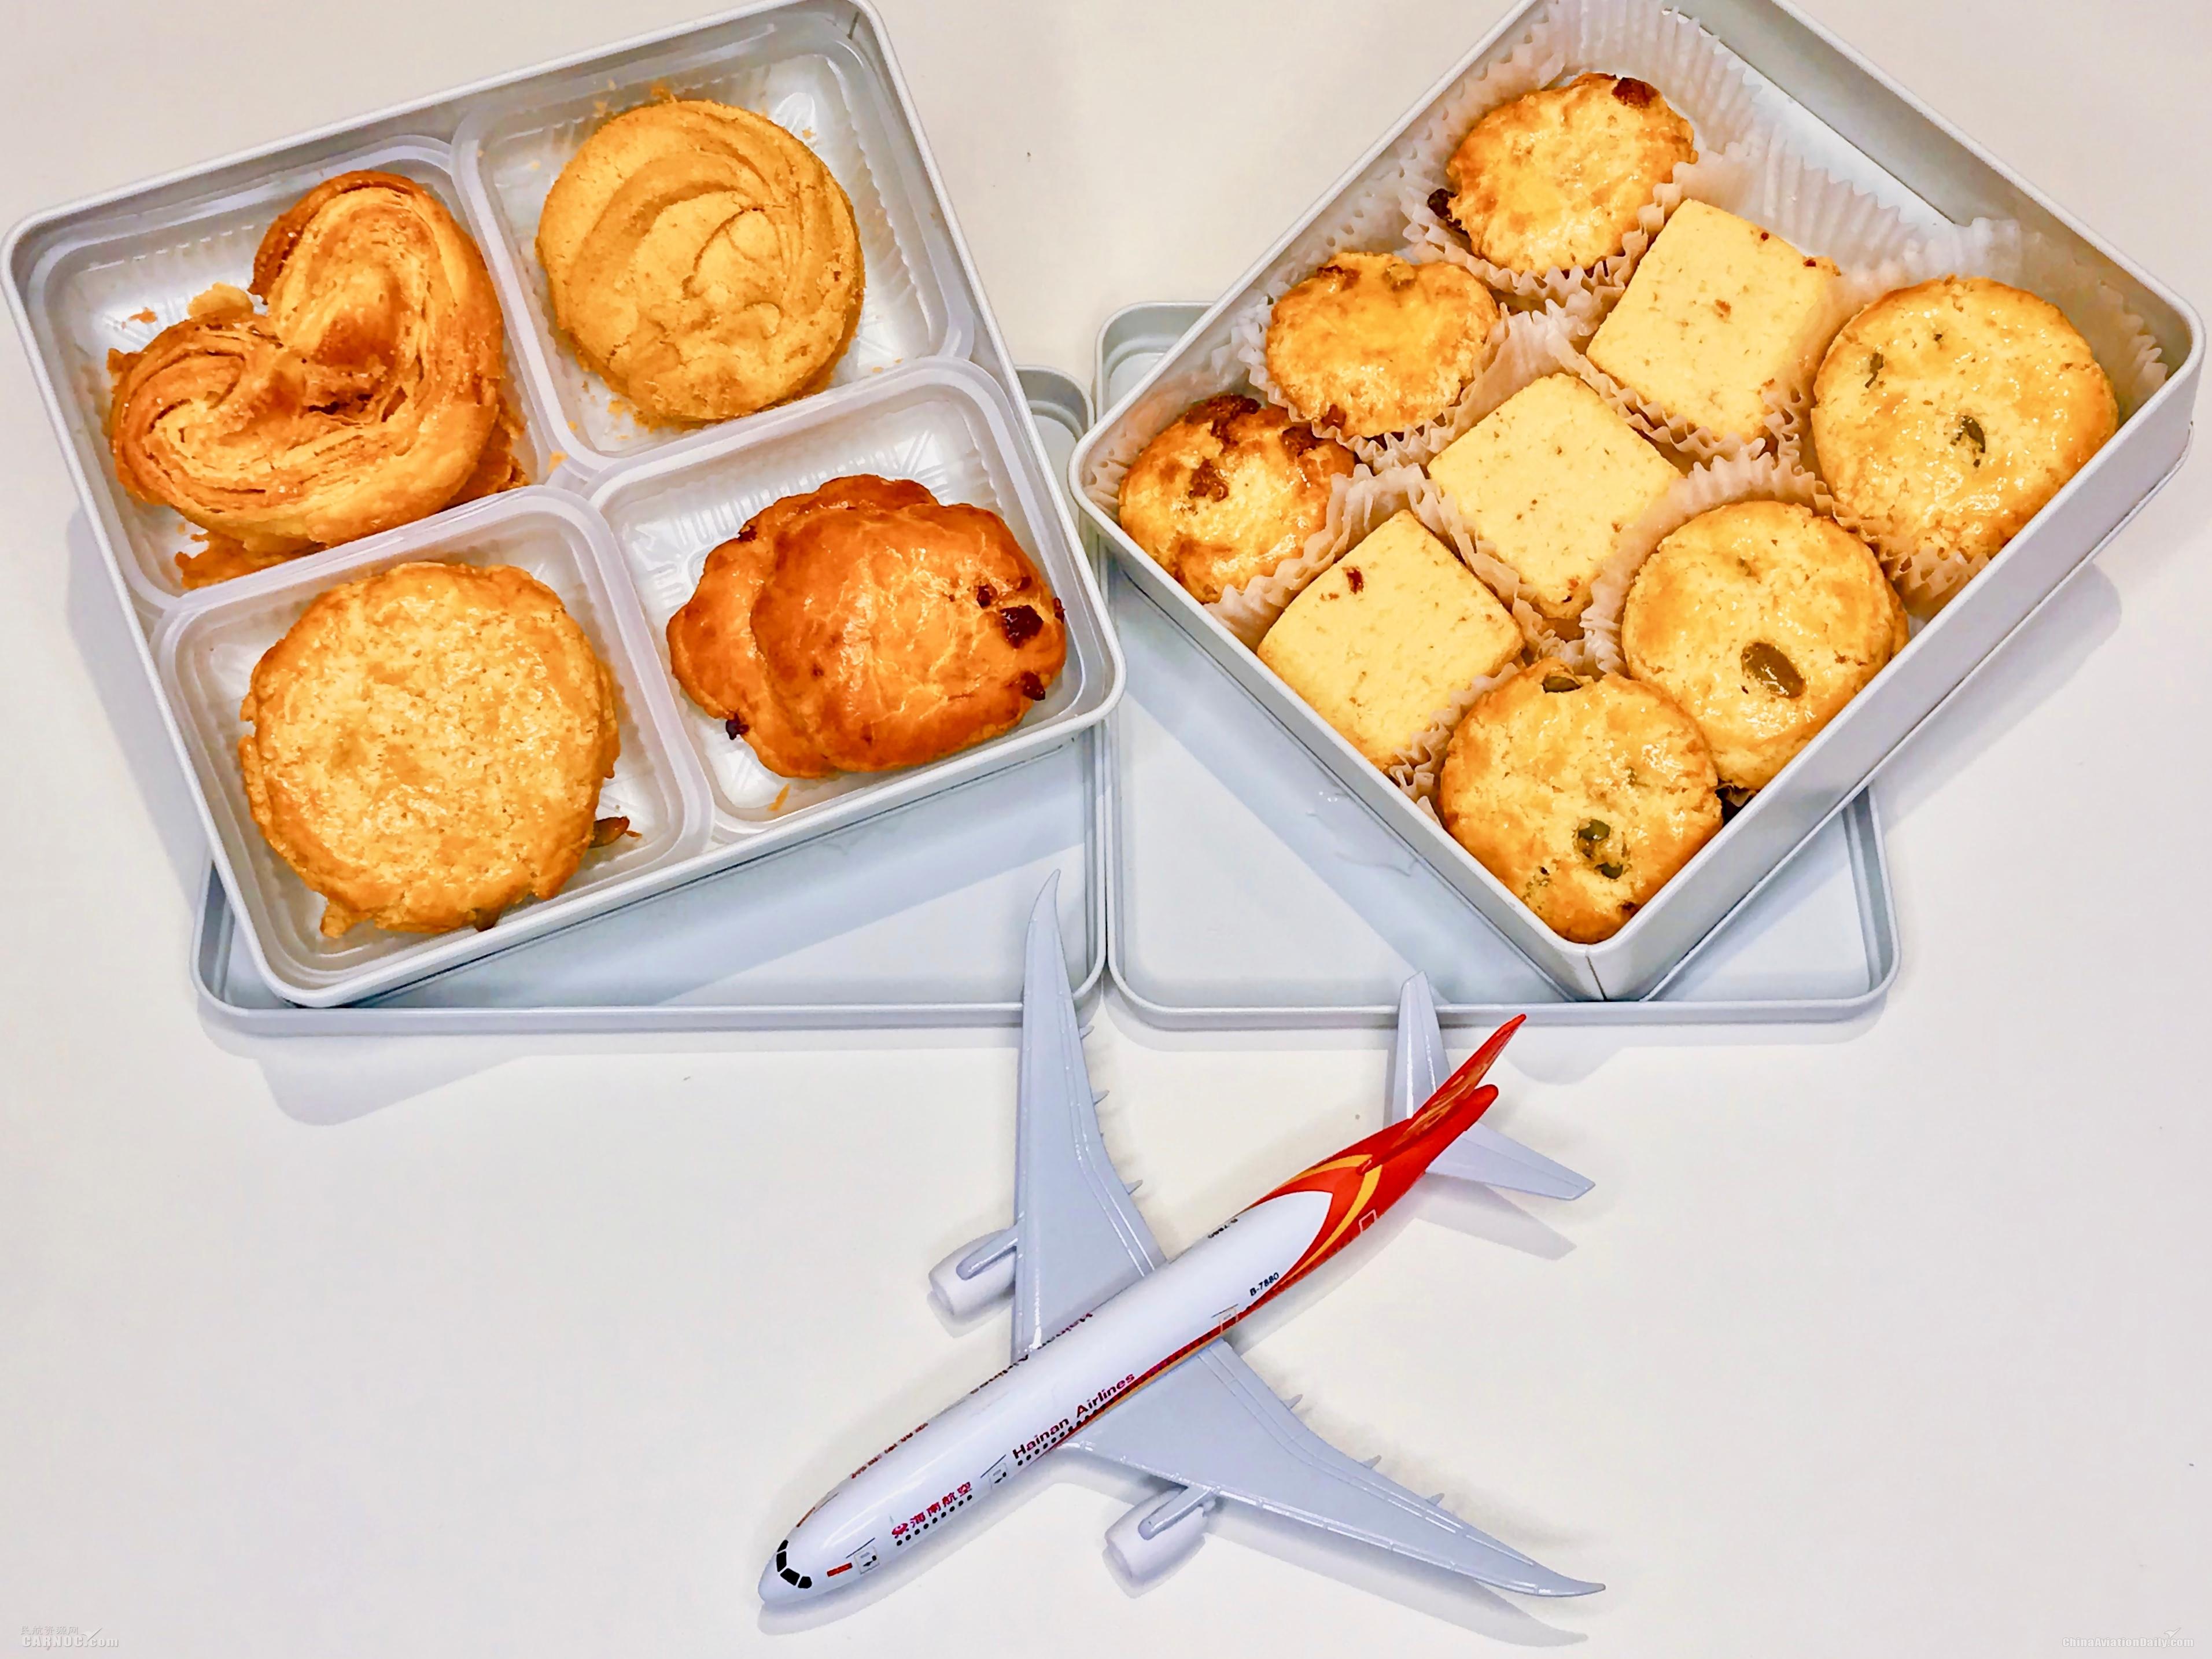 海南航空部分航线上线精品餐食礼包